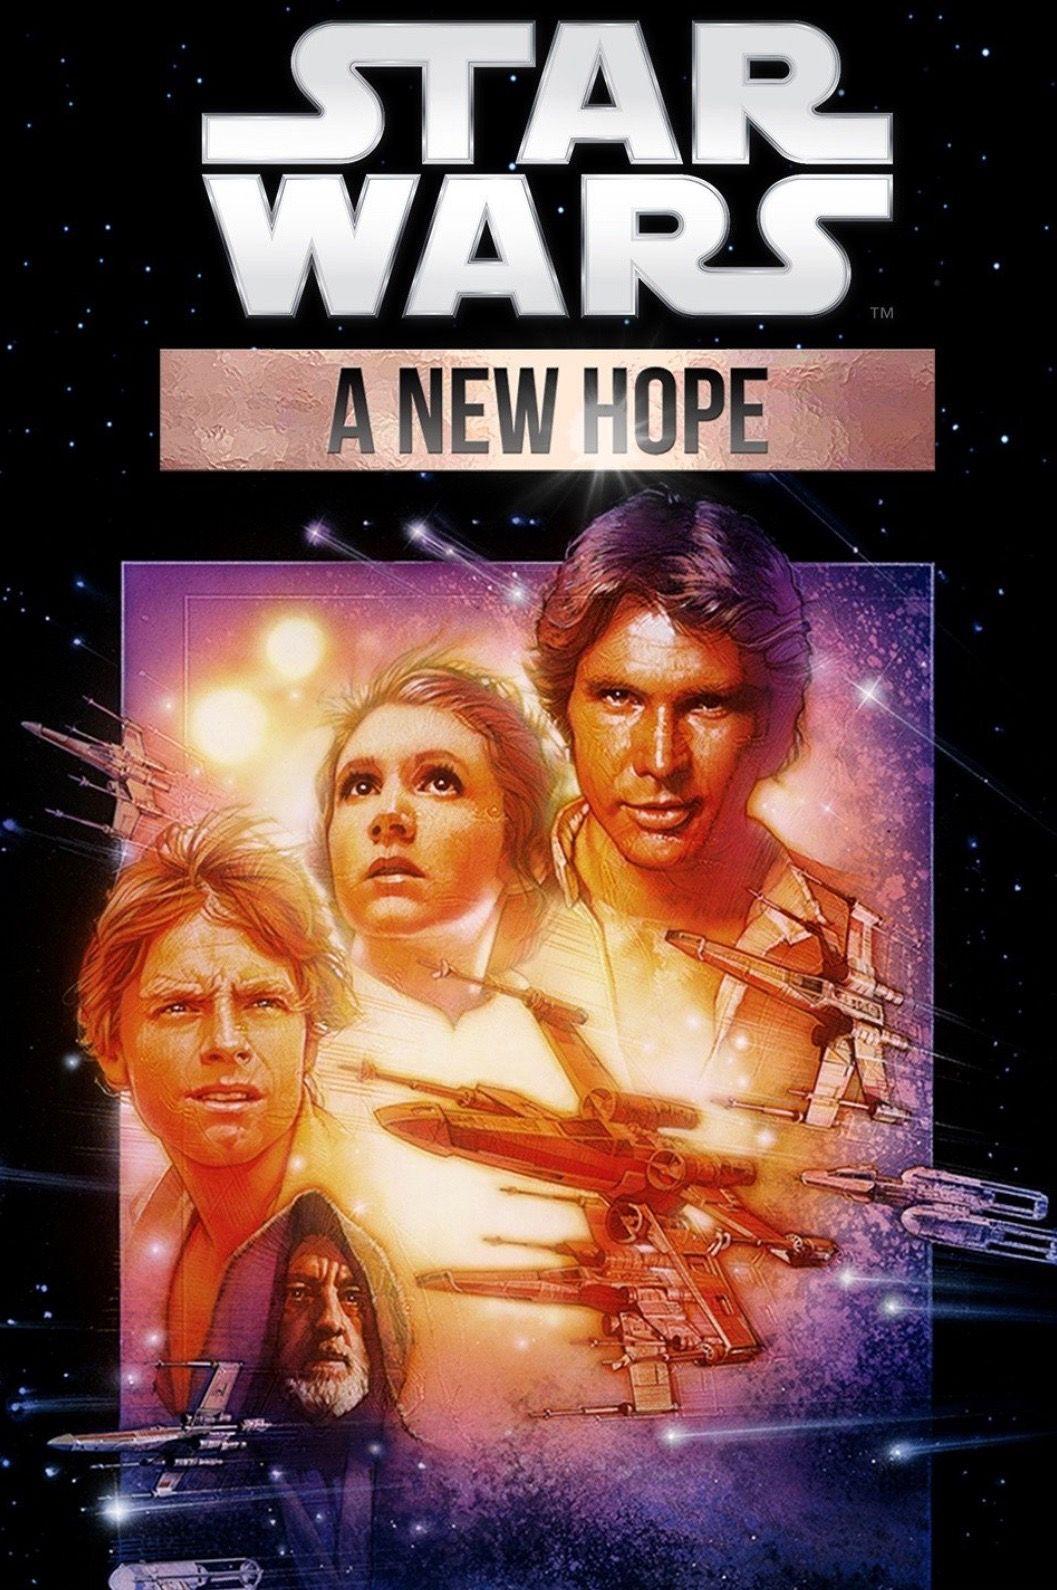 Stars Wars Episode Iv A New Hope 1977 Eine Neue Hoffnung Hoffnung Neue Wege